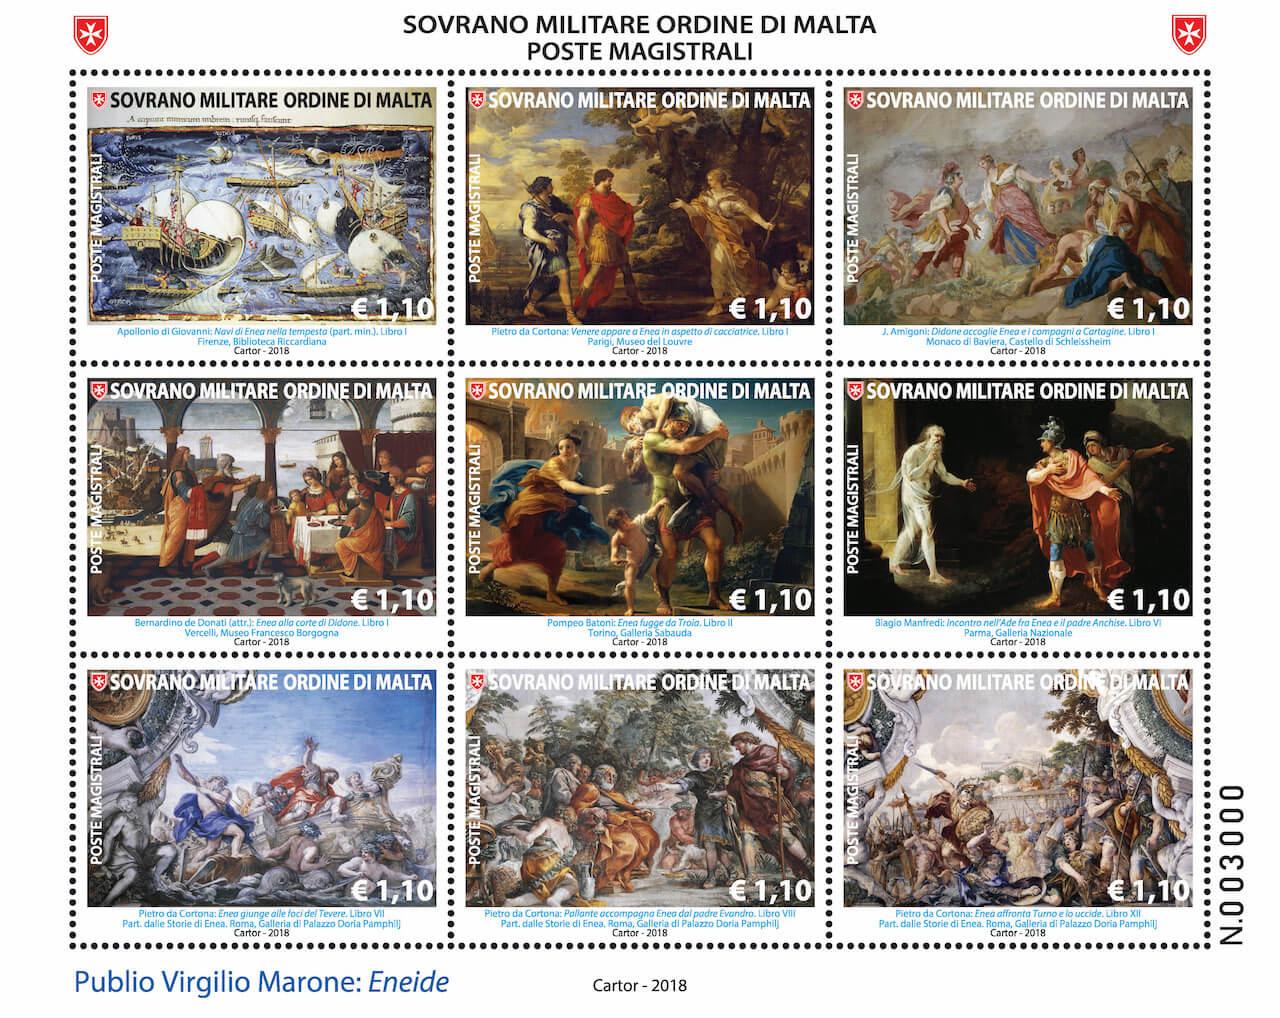 Nuovi francobolli del Sovrano Ordine di Malta - 27 settembre 2018 2